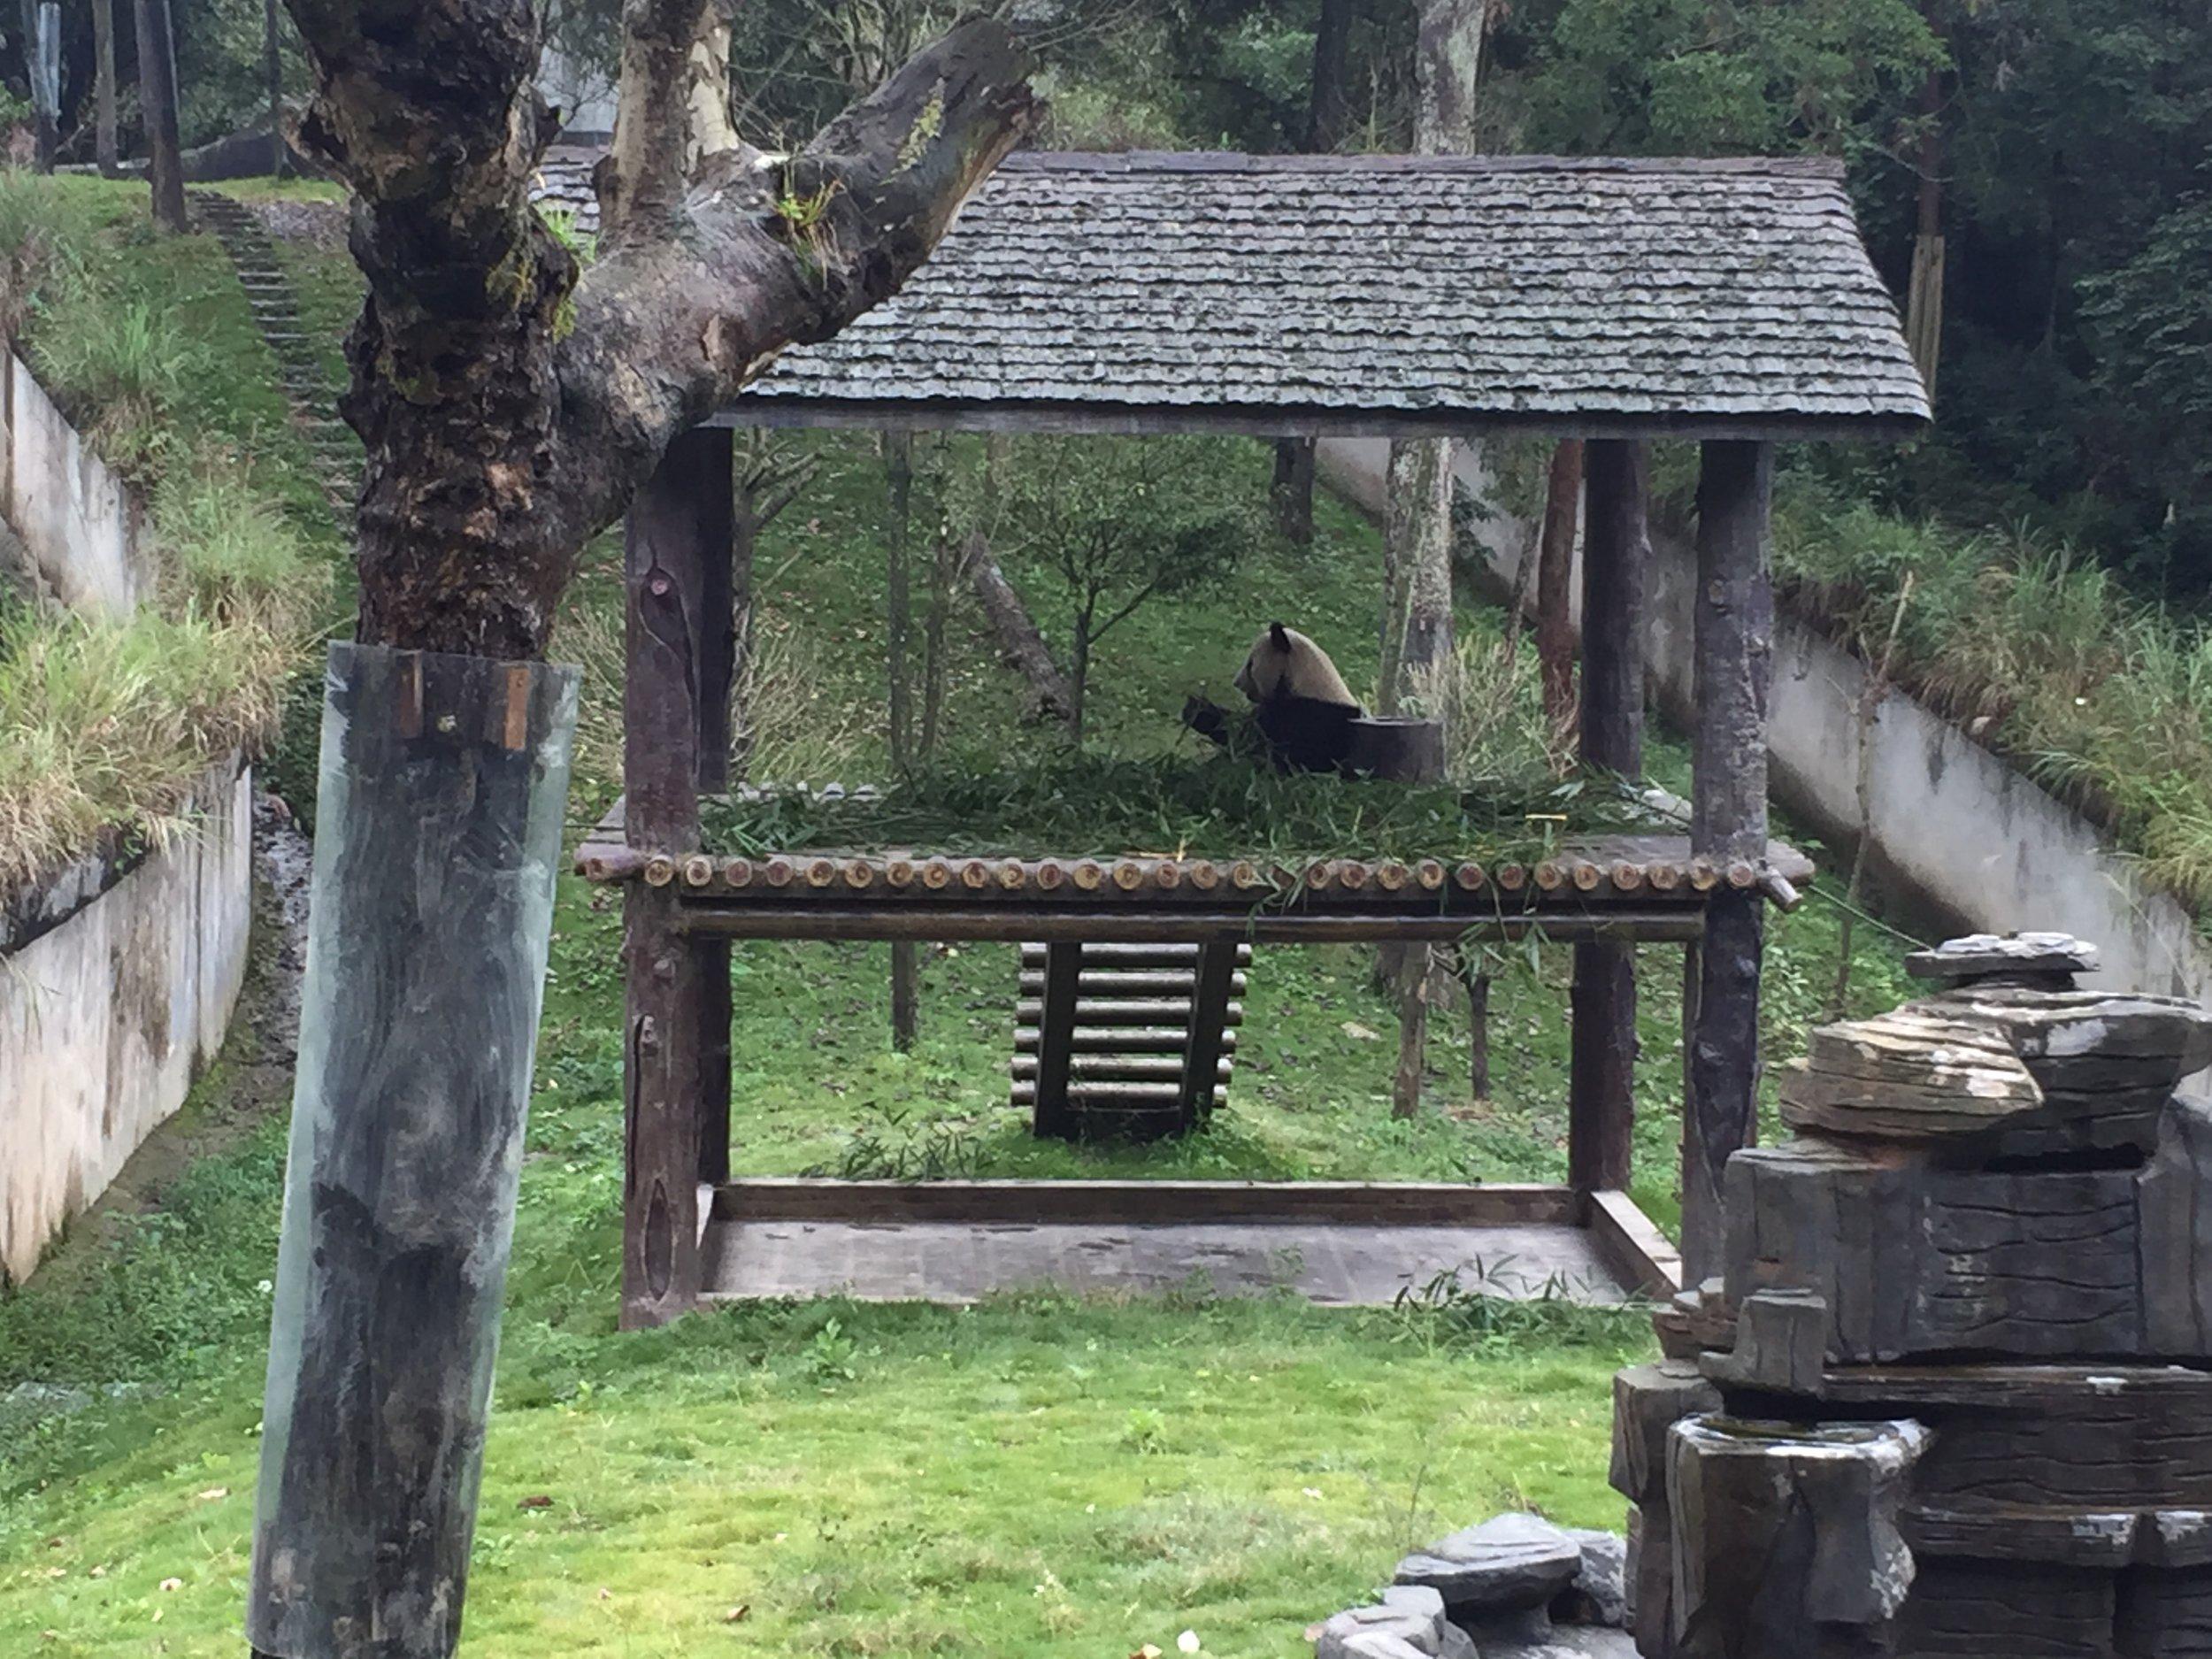 Panda eating in his hut